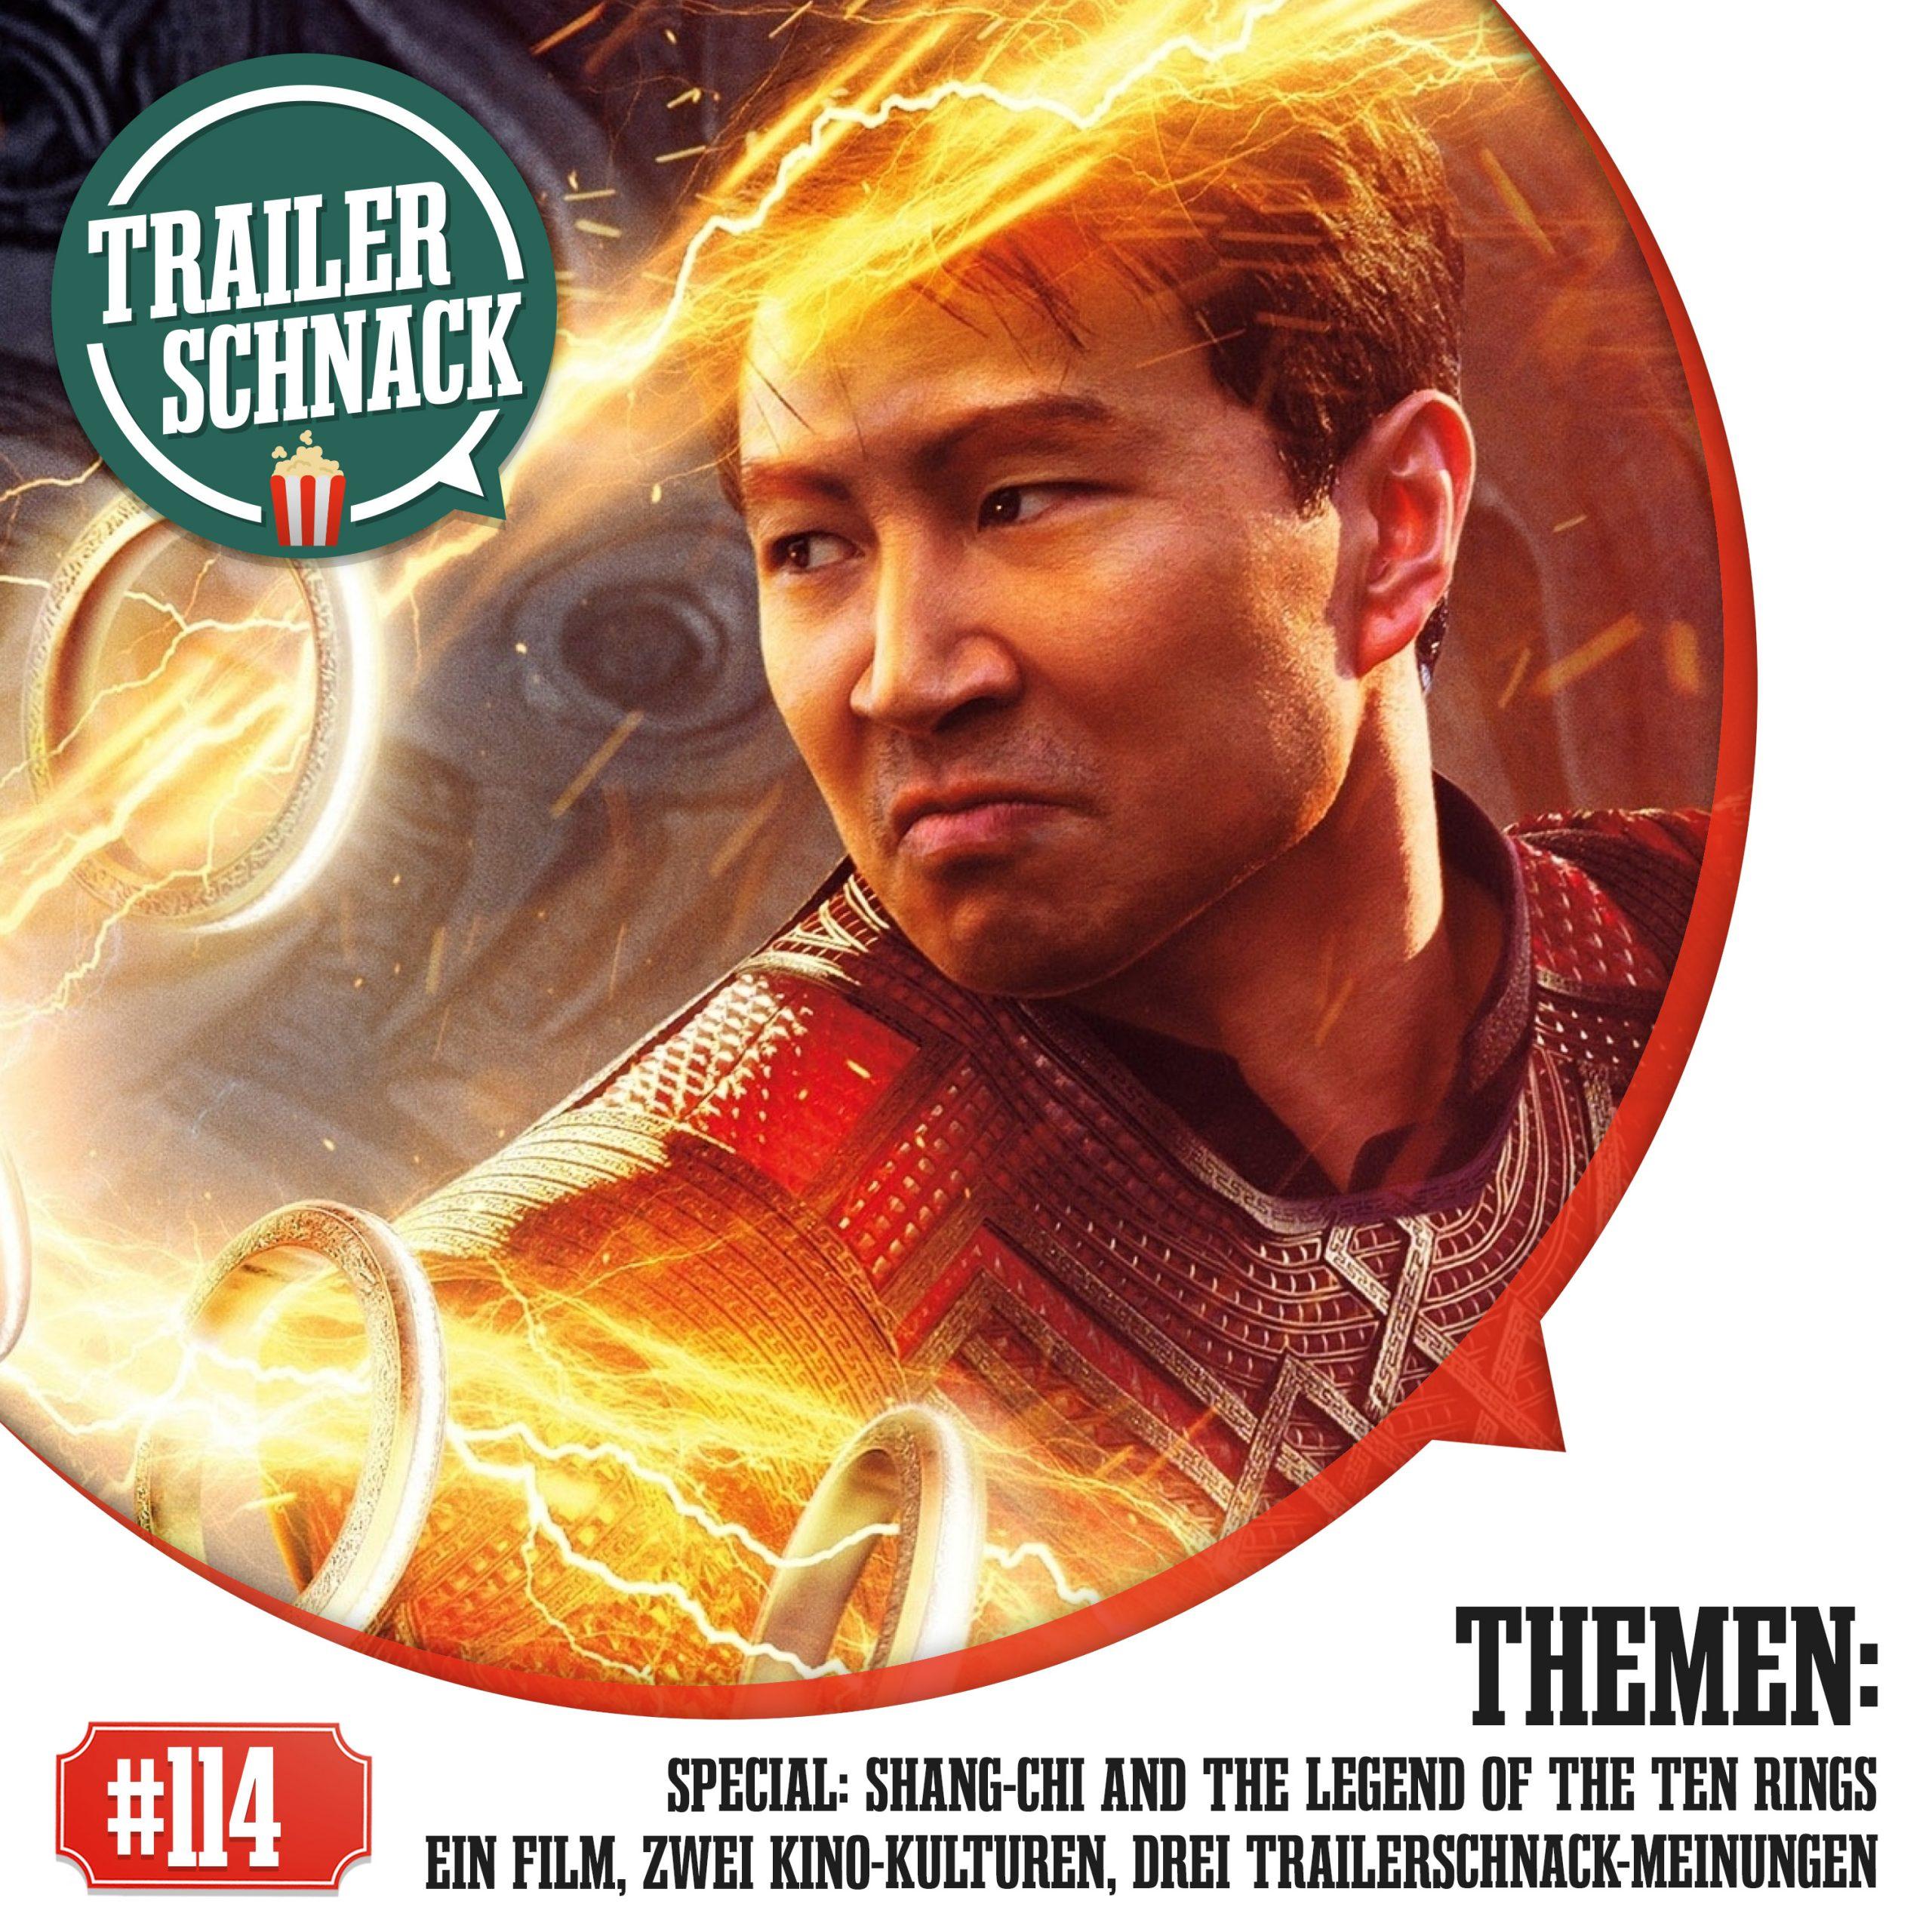 Trailerschnack 114